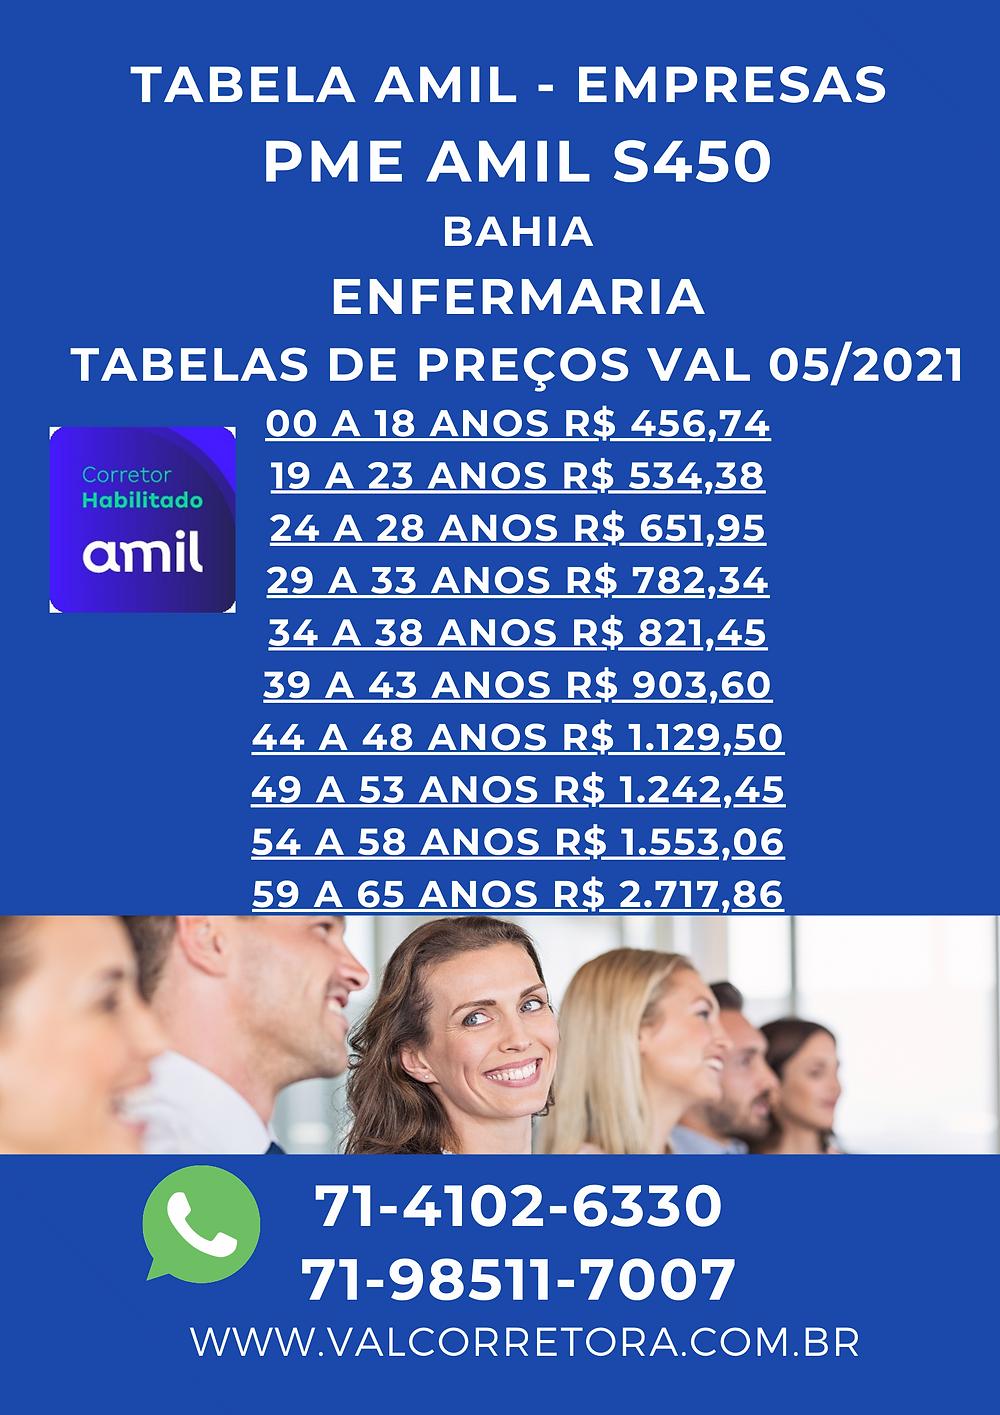 TABELAS AMIL EMPRESAS BA